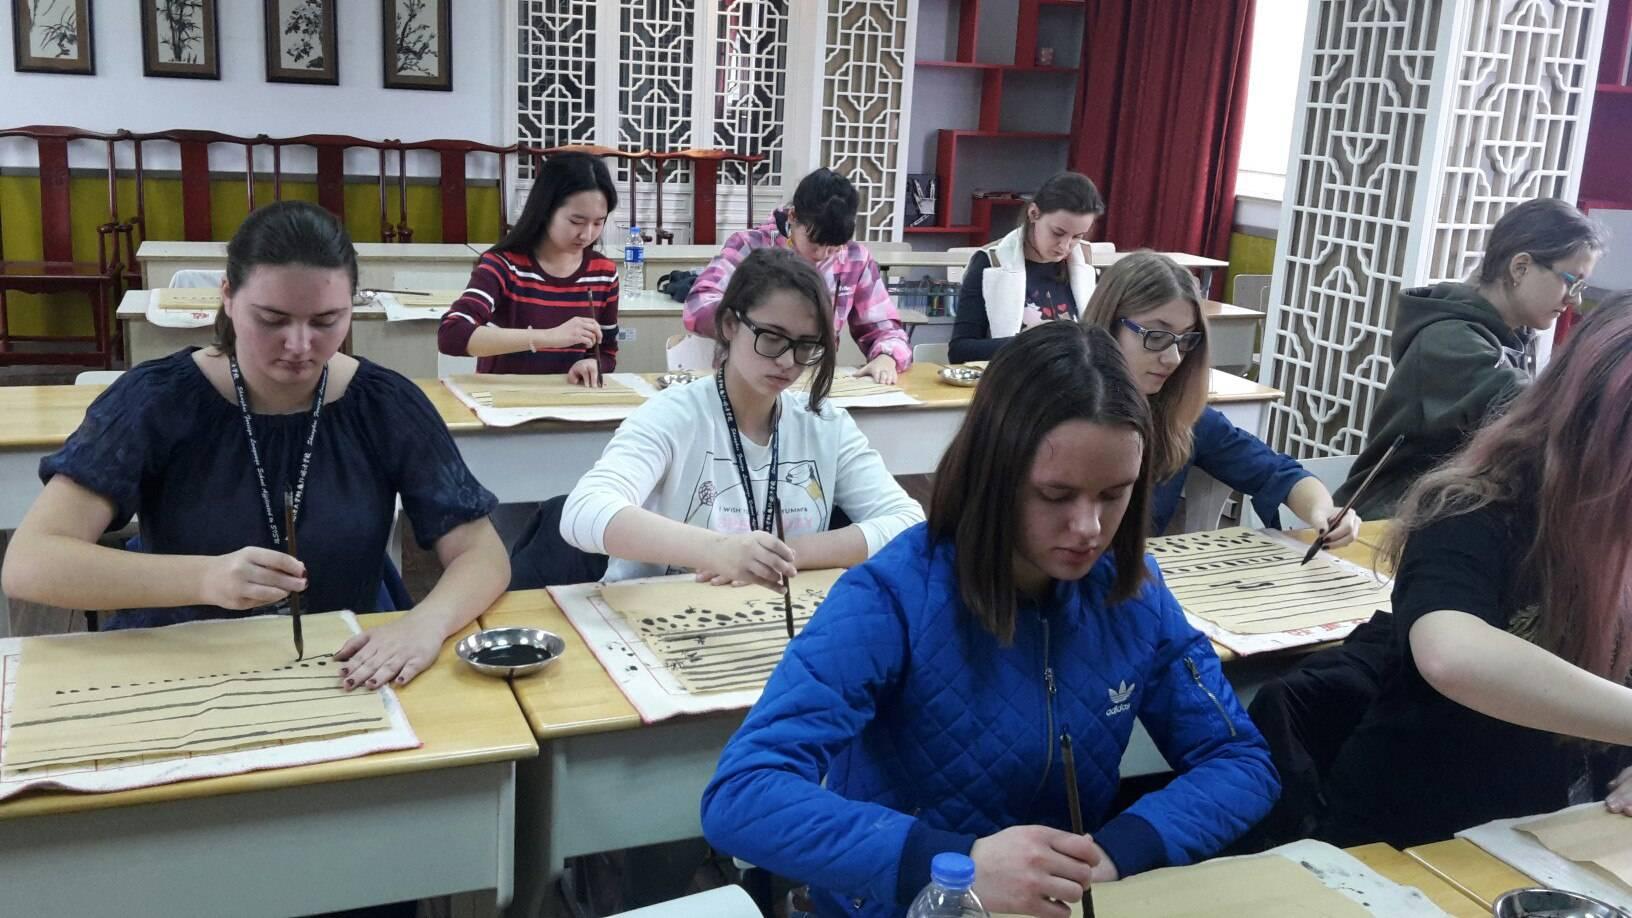 Обучение китайскому языку в китае при университетах студентов - языковые школы в китае